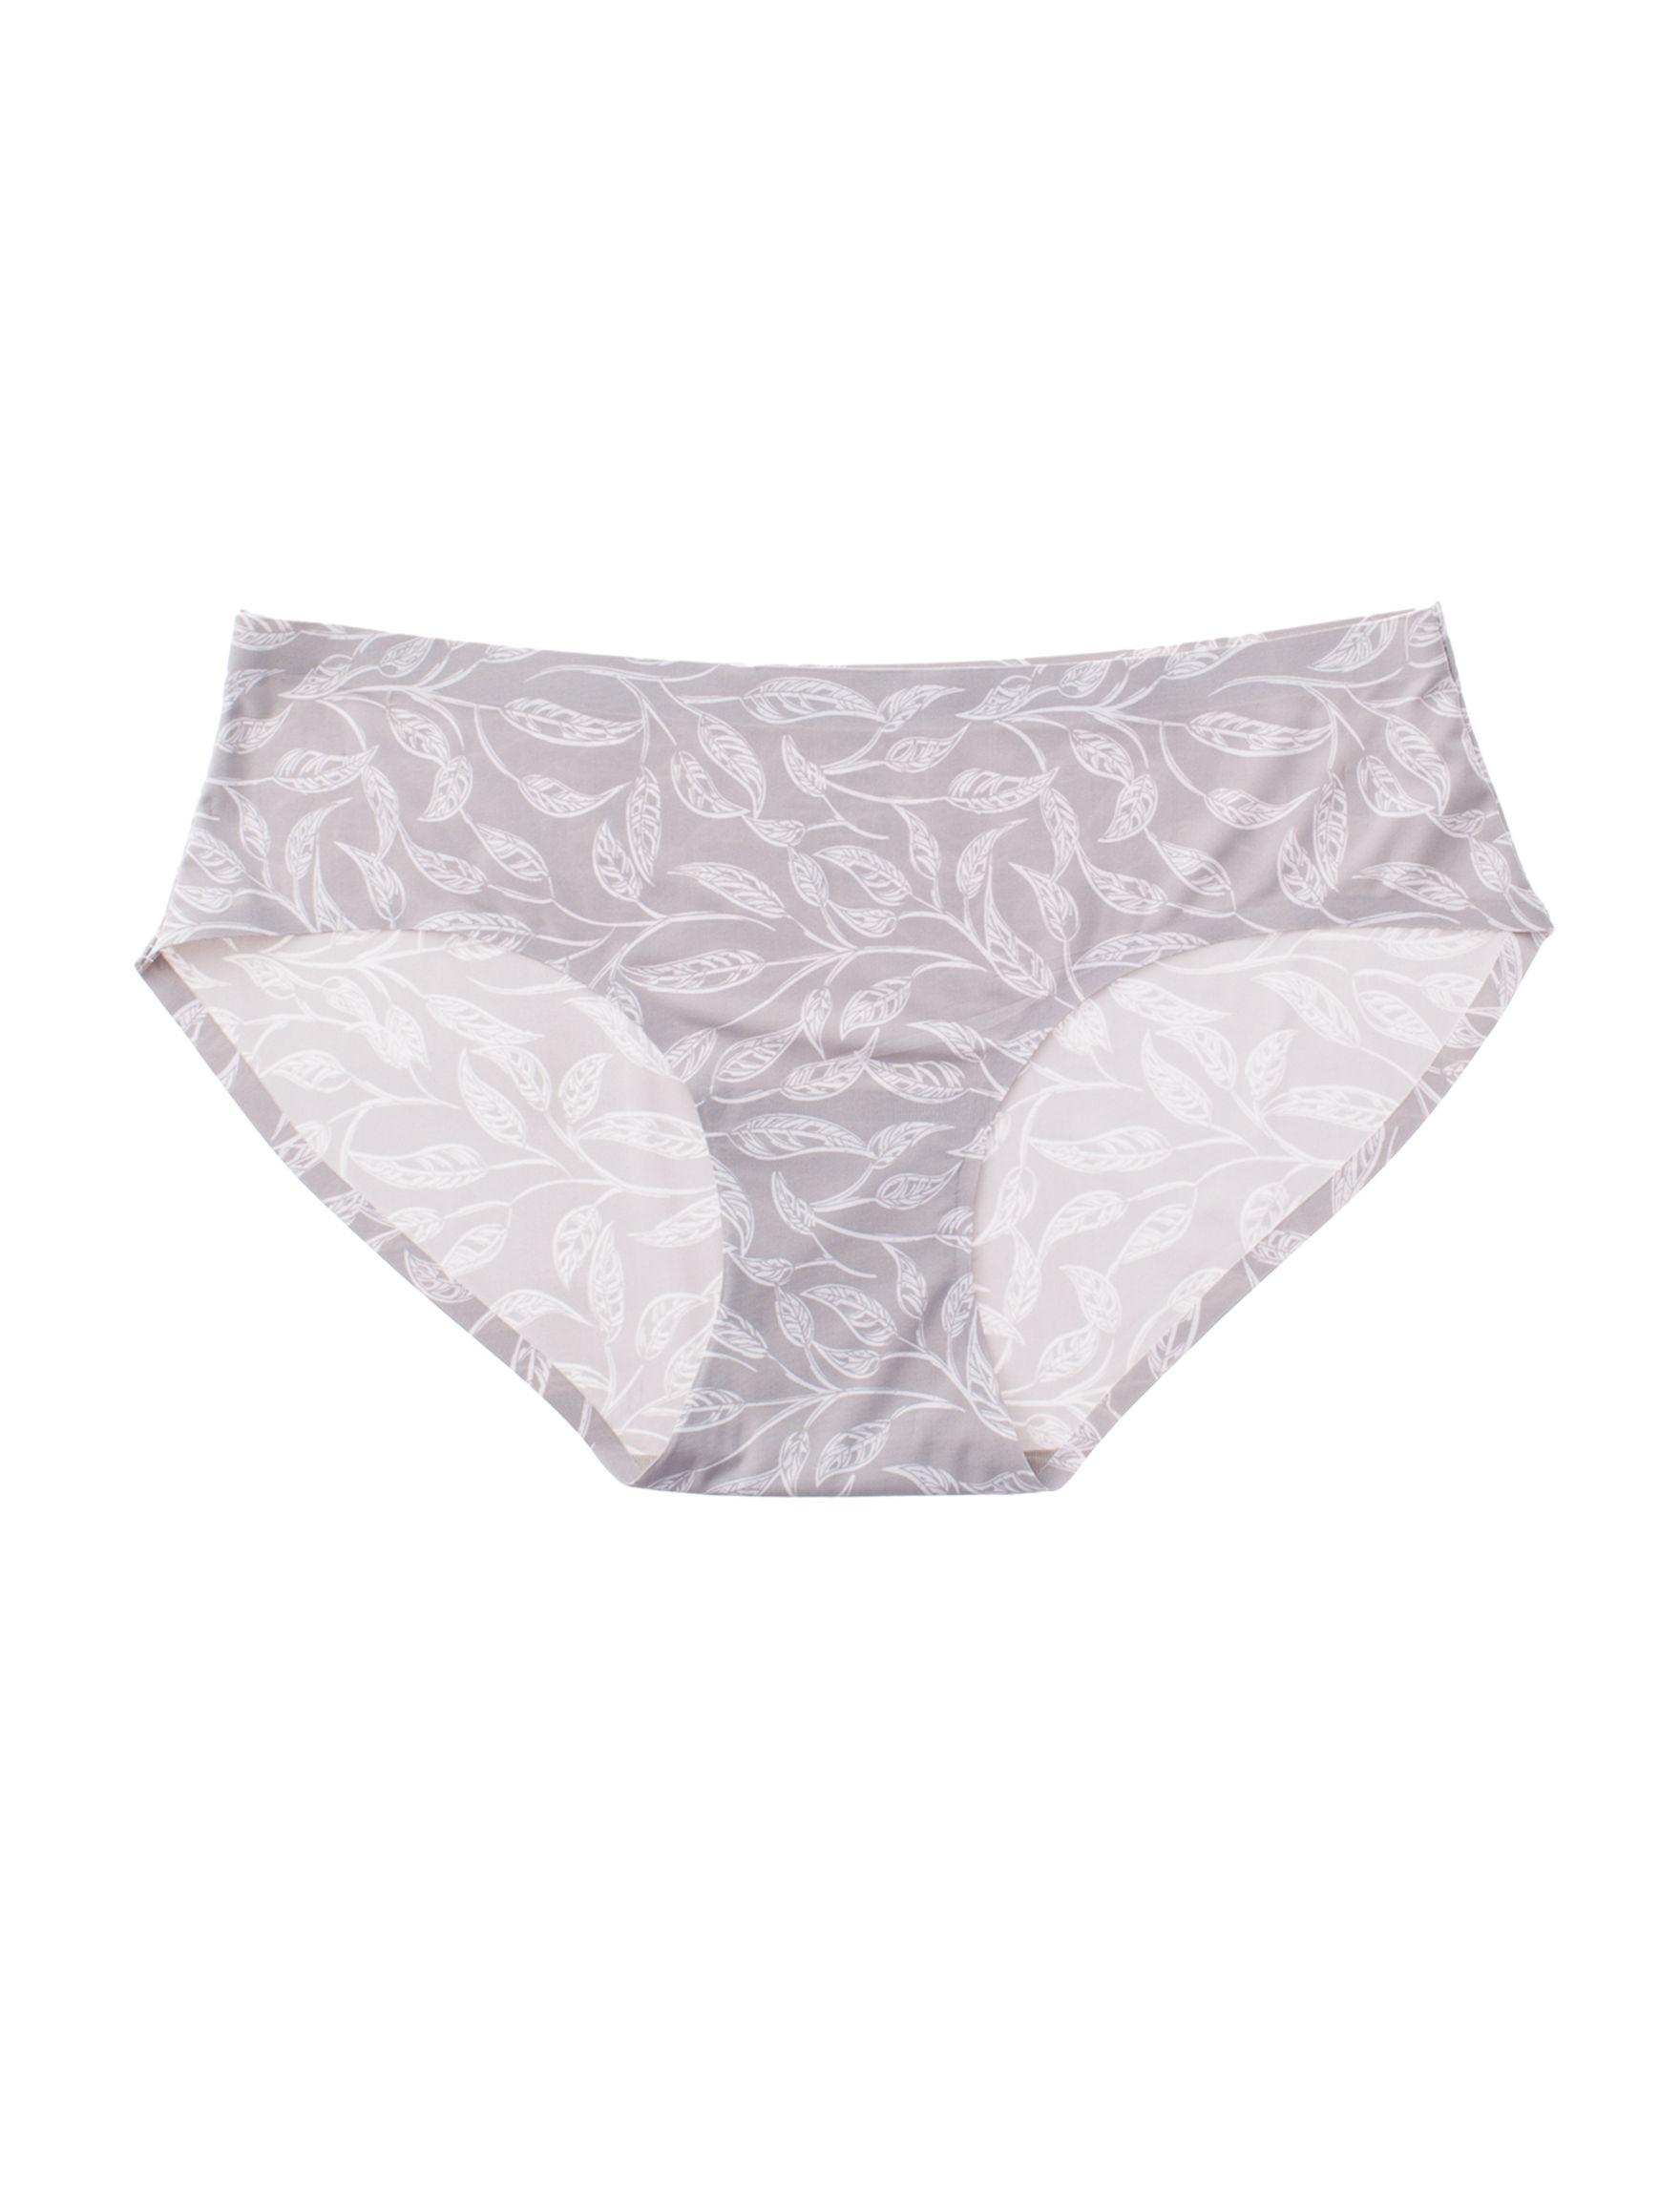 Sophie B Grey Panties Hipster